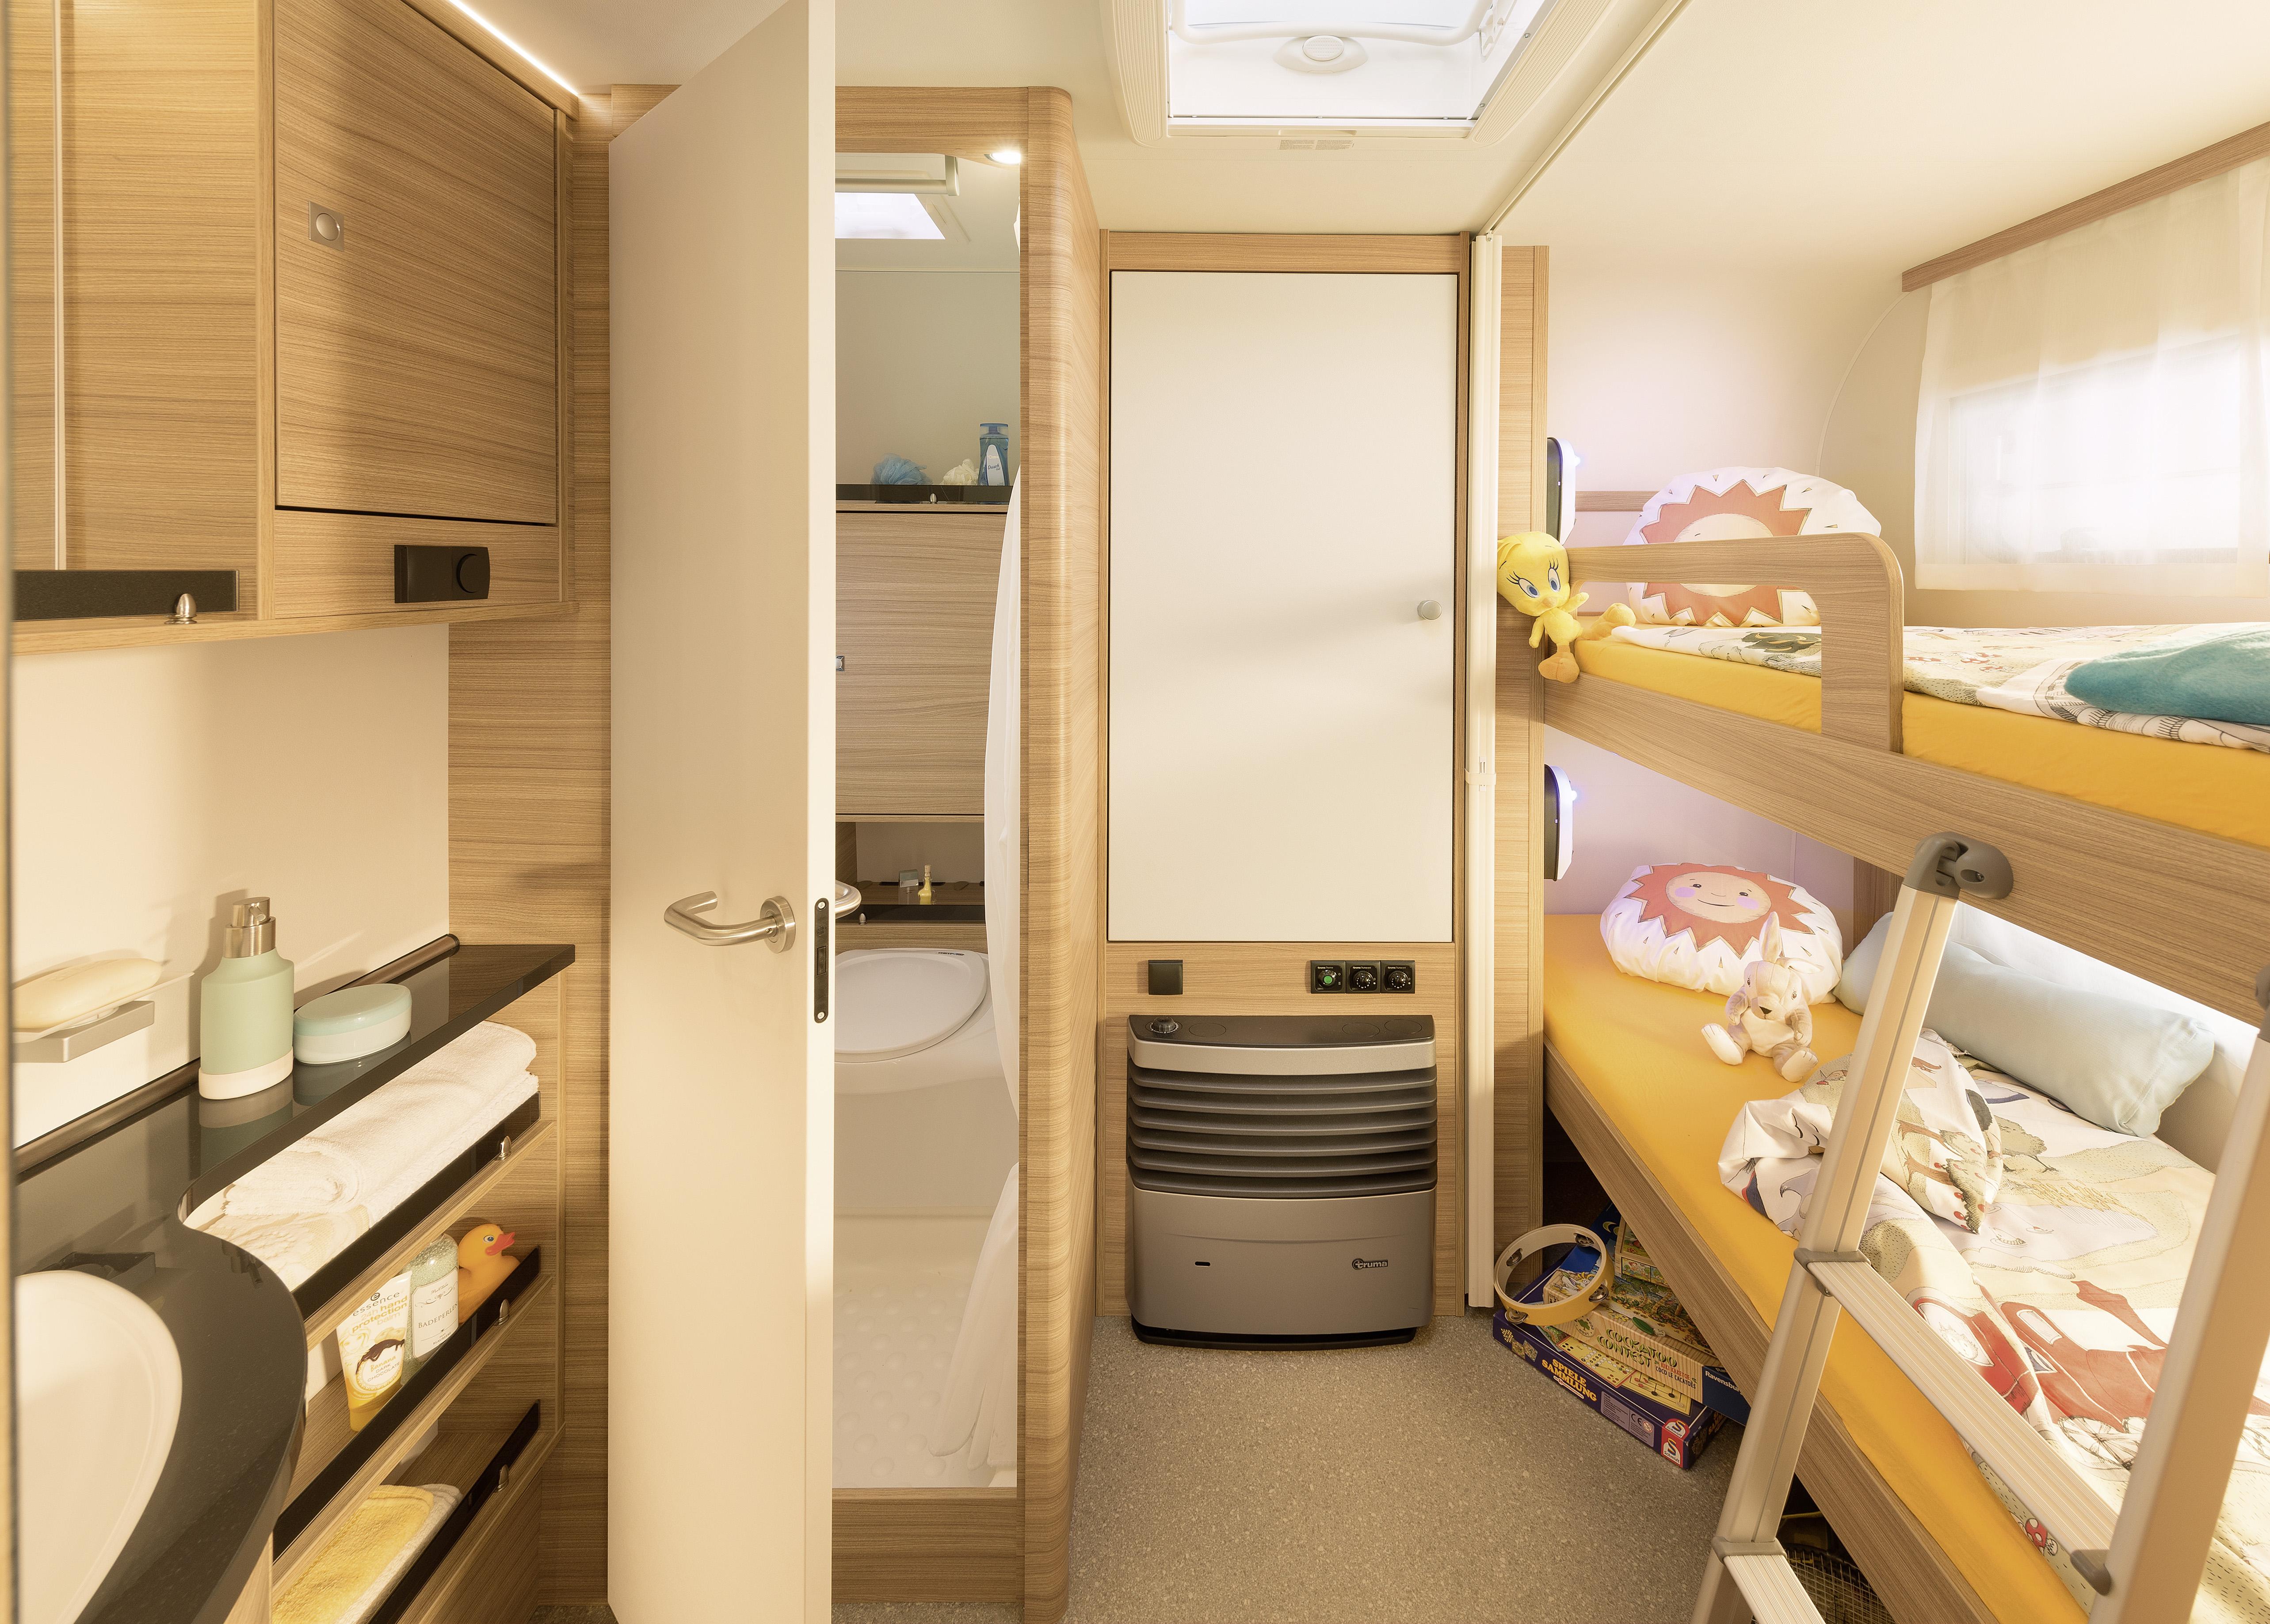 Reisemobil Etagenbett : Camper dethleffs